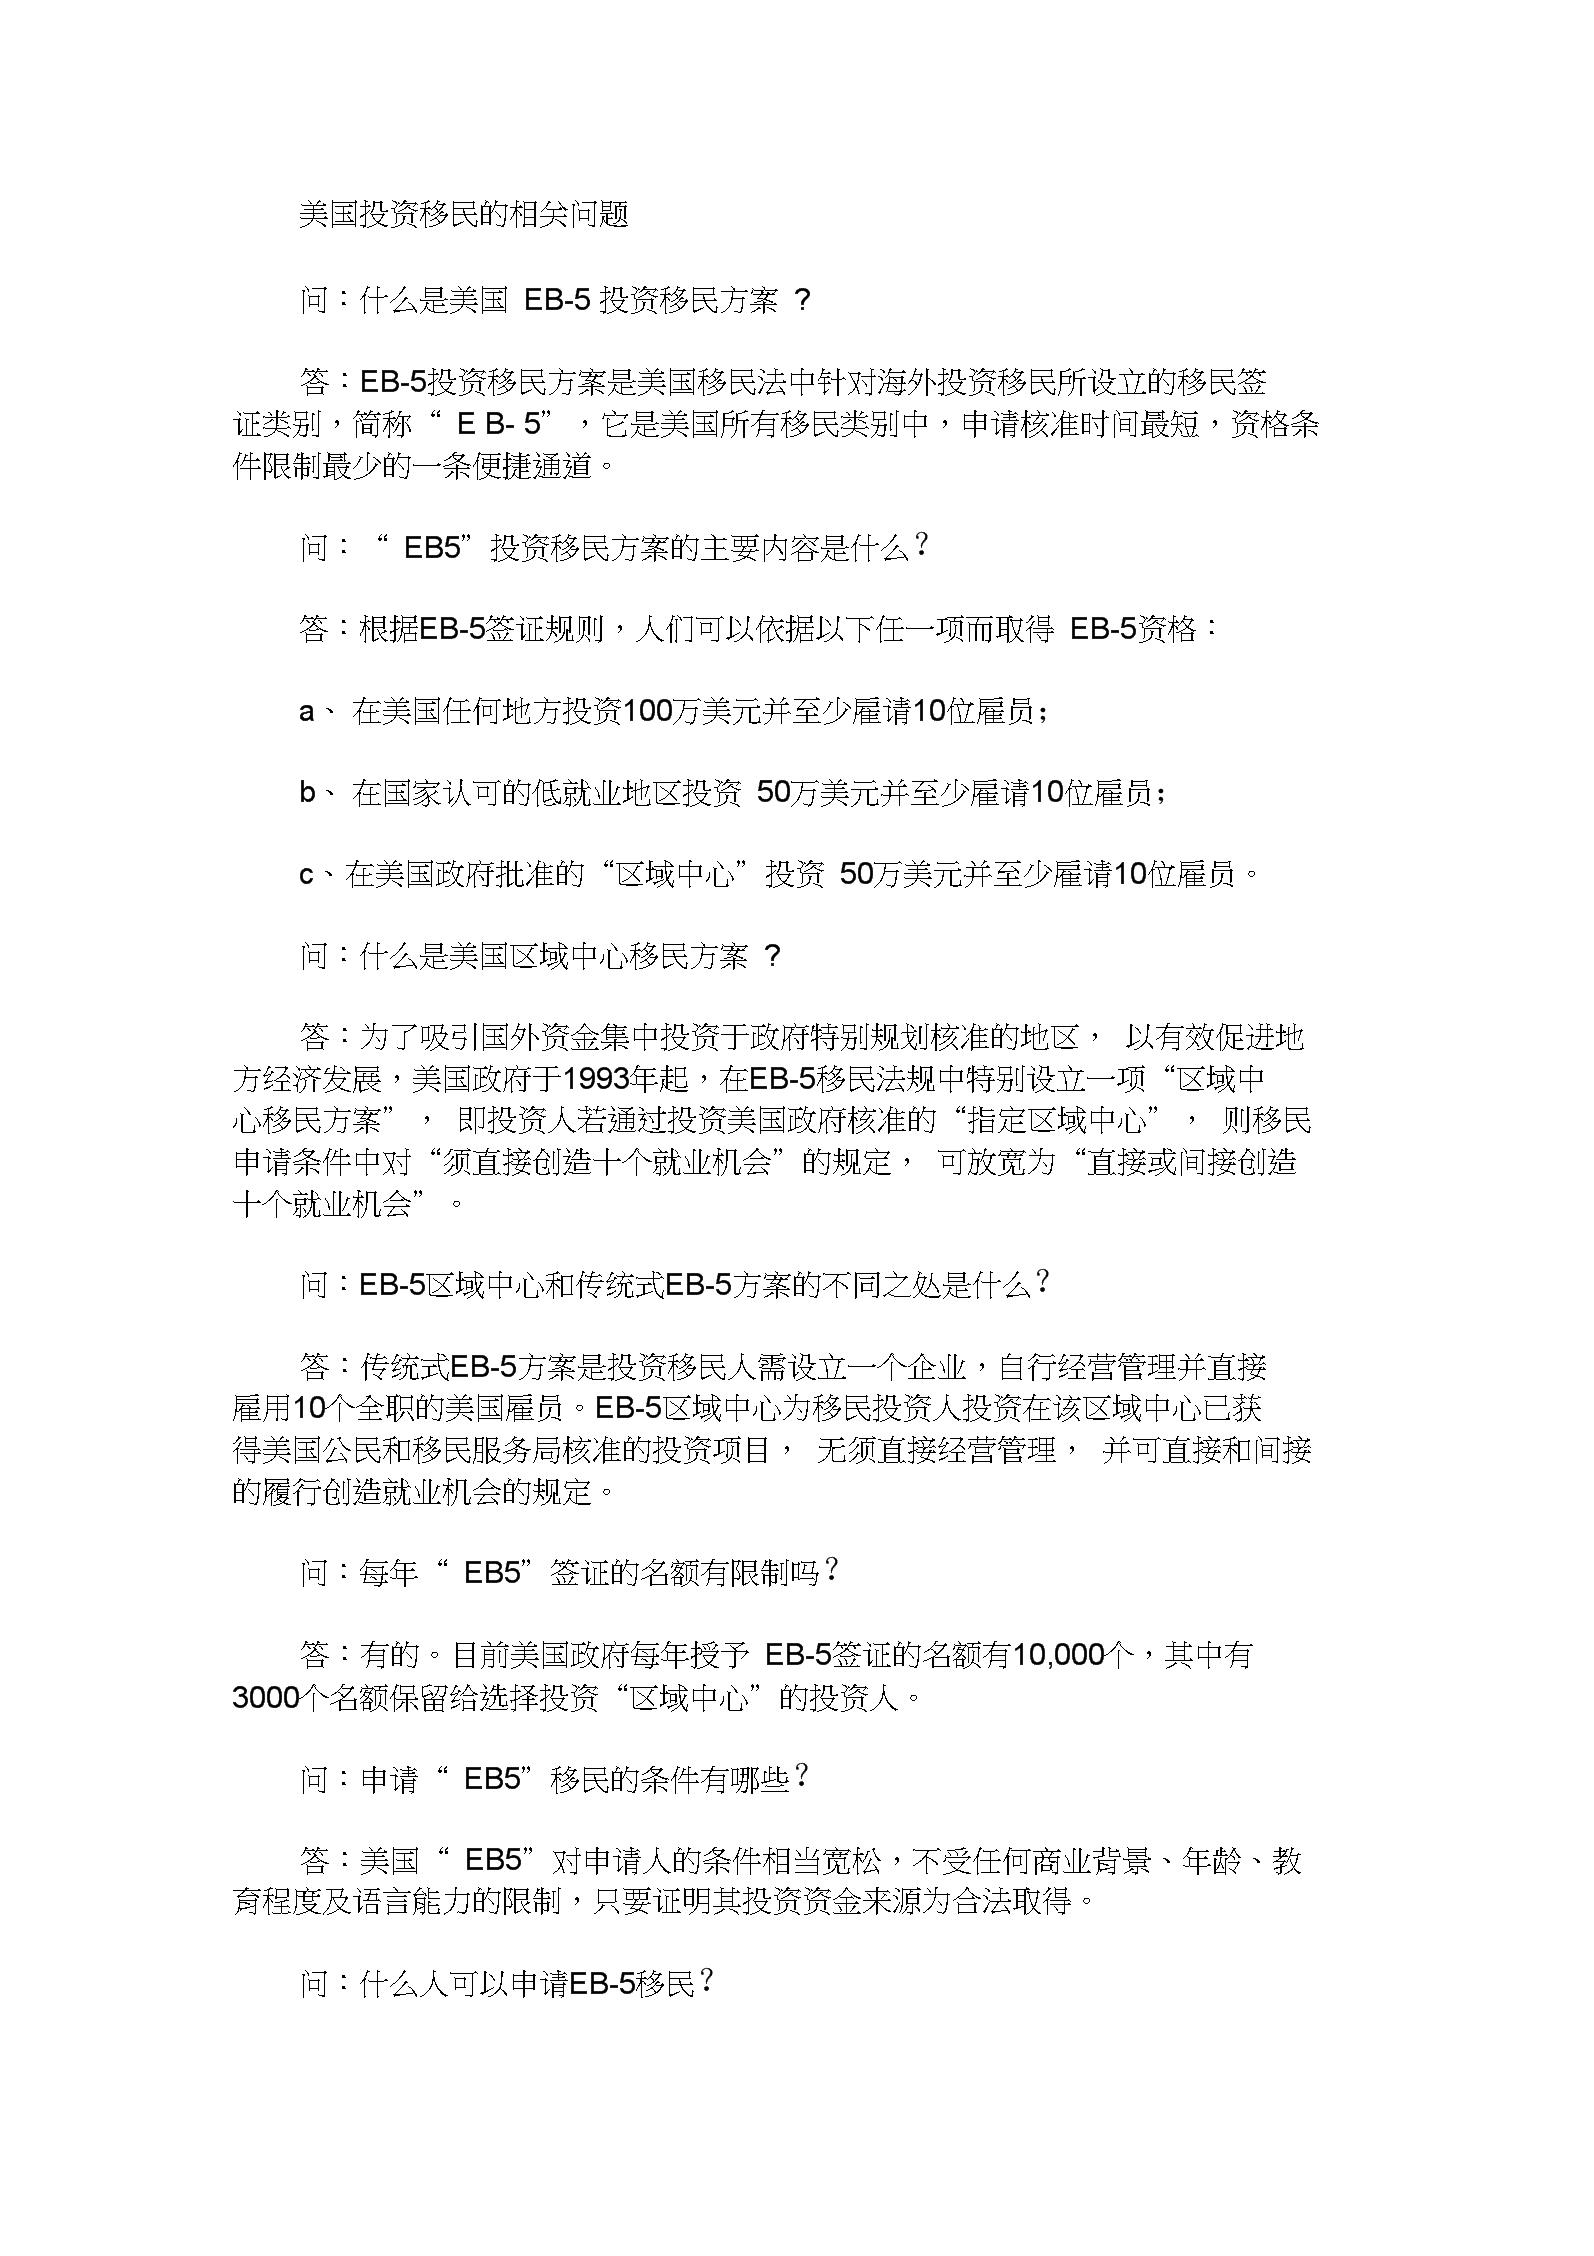 美国投资移民的相关问题介绍(最新).docx